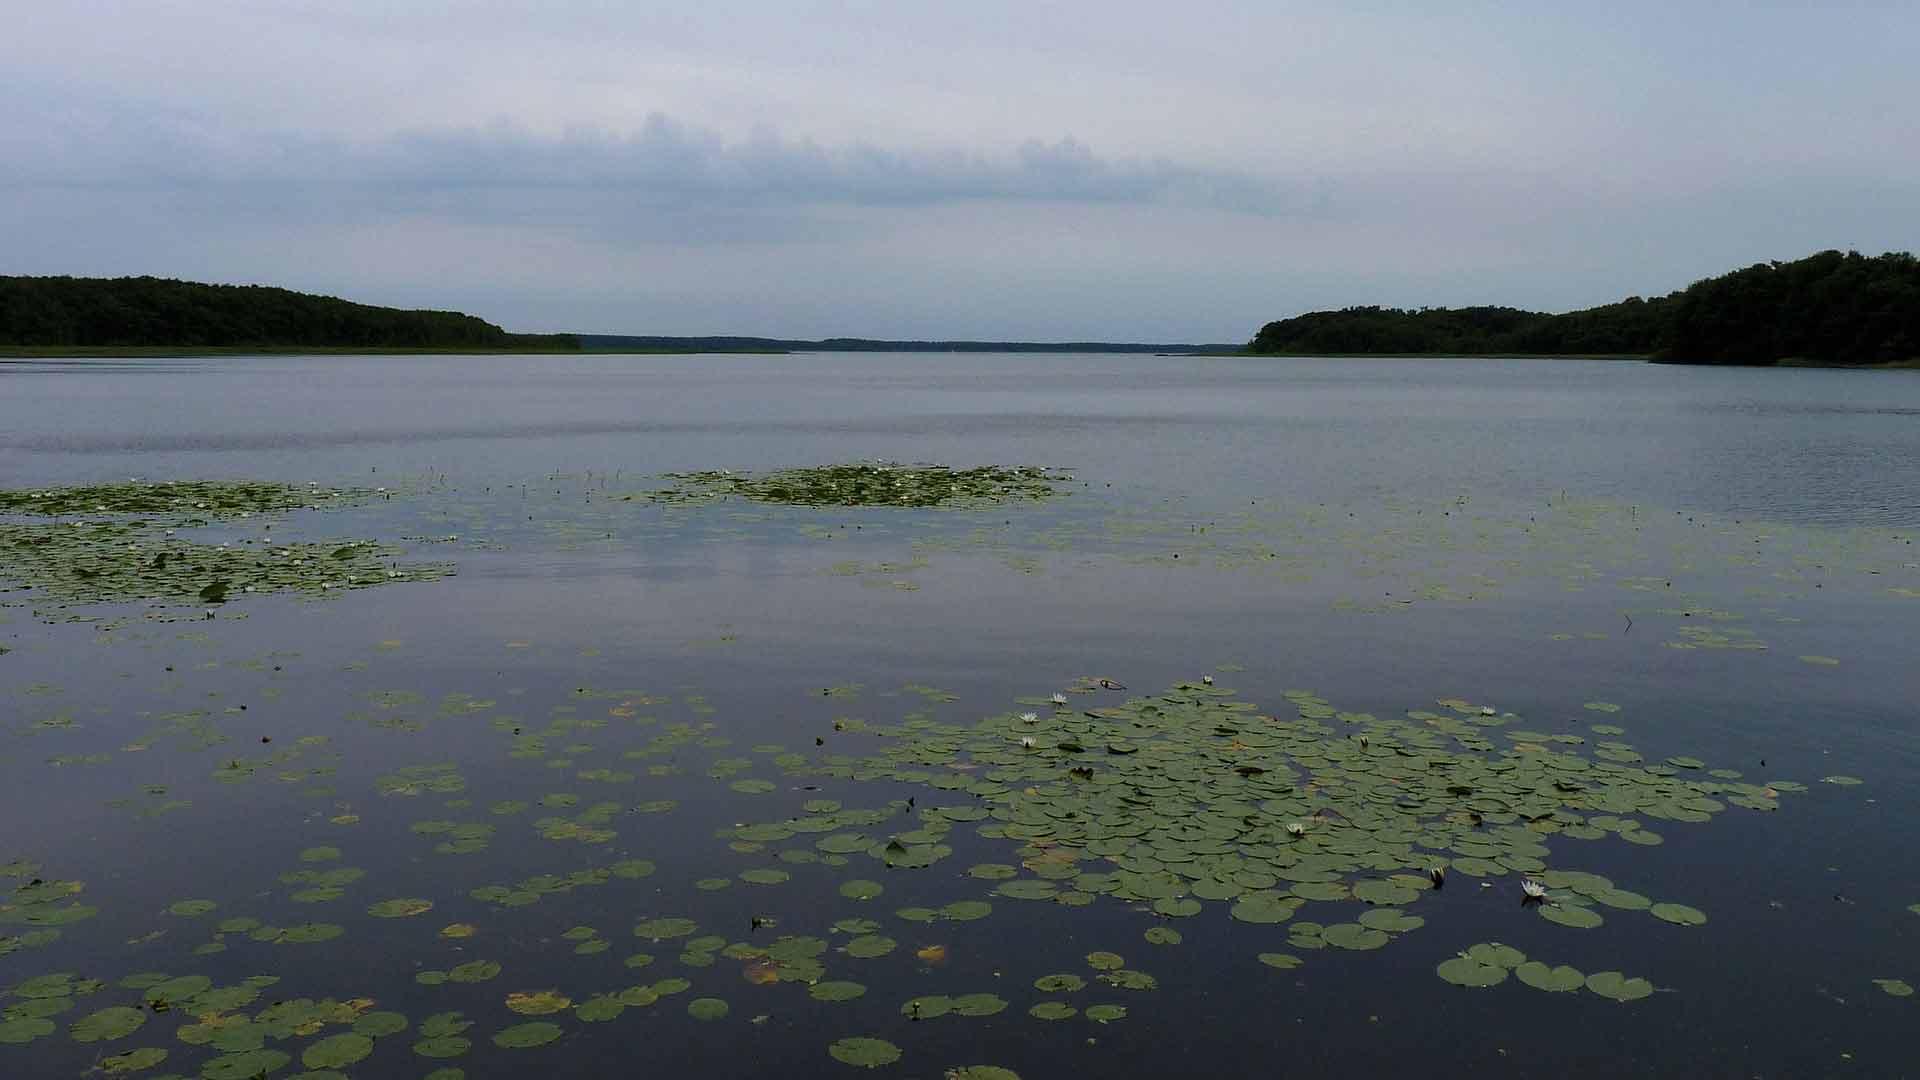 De weidsheid van het Merengebied van Mecklenburg-Vorpommern.